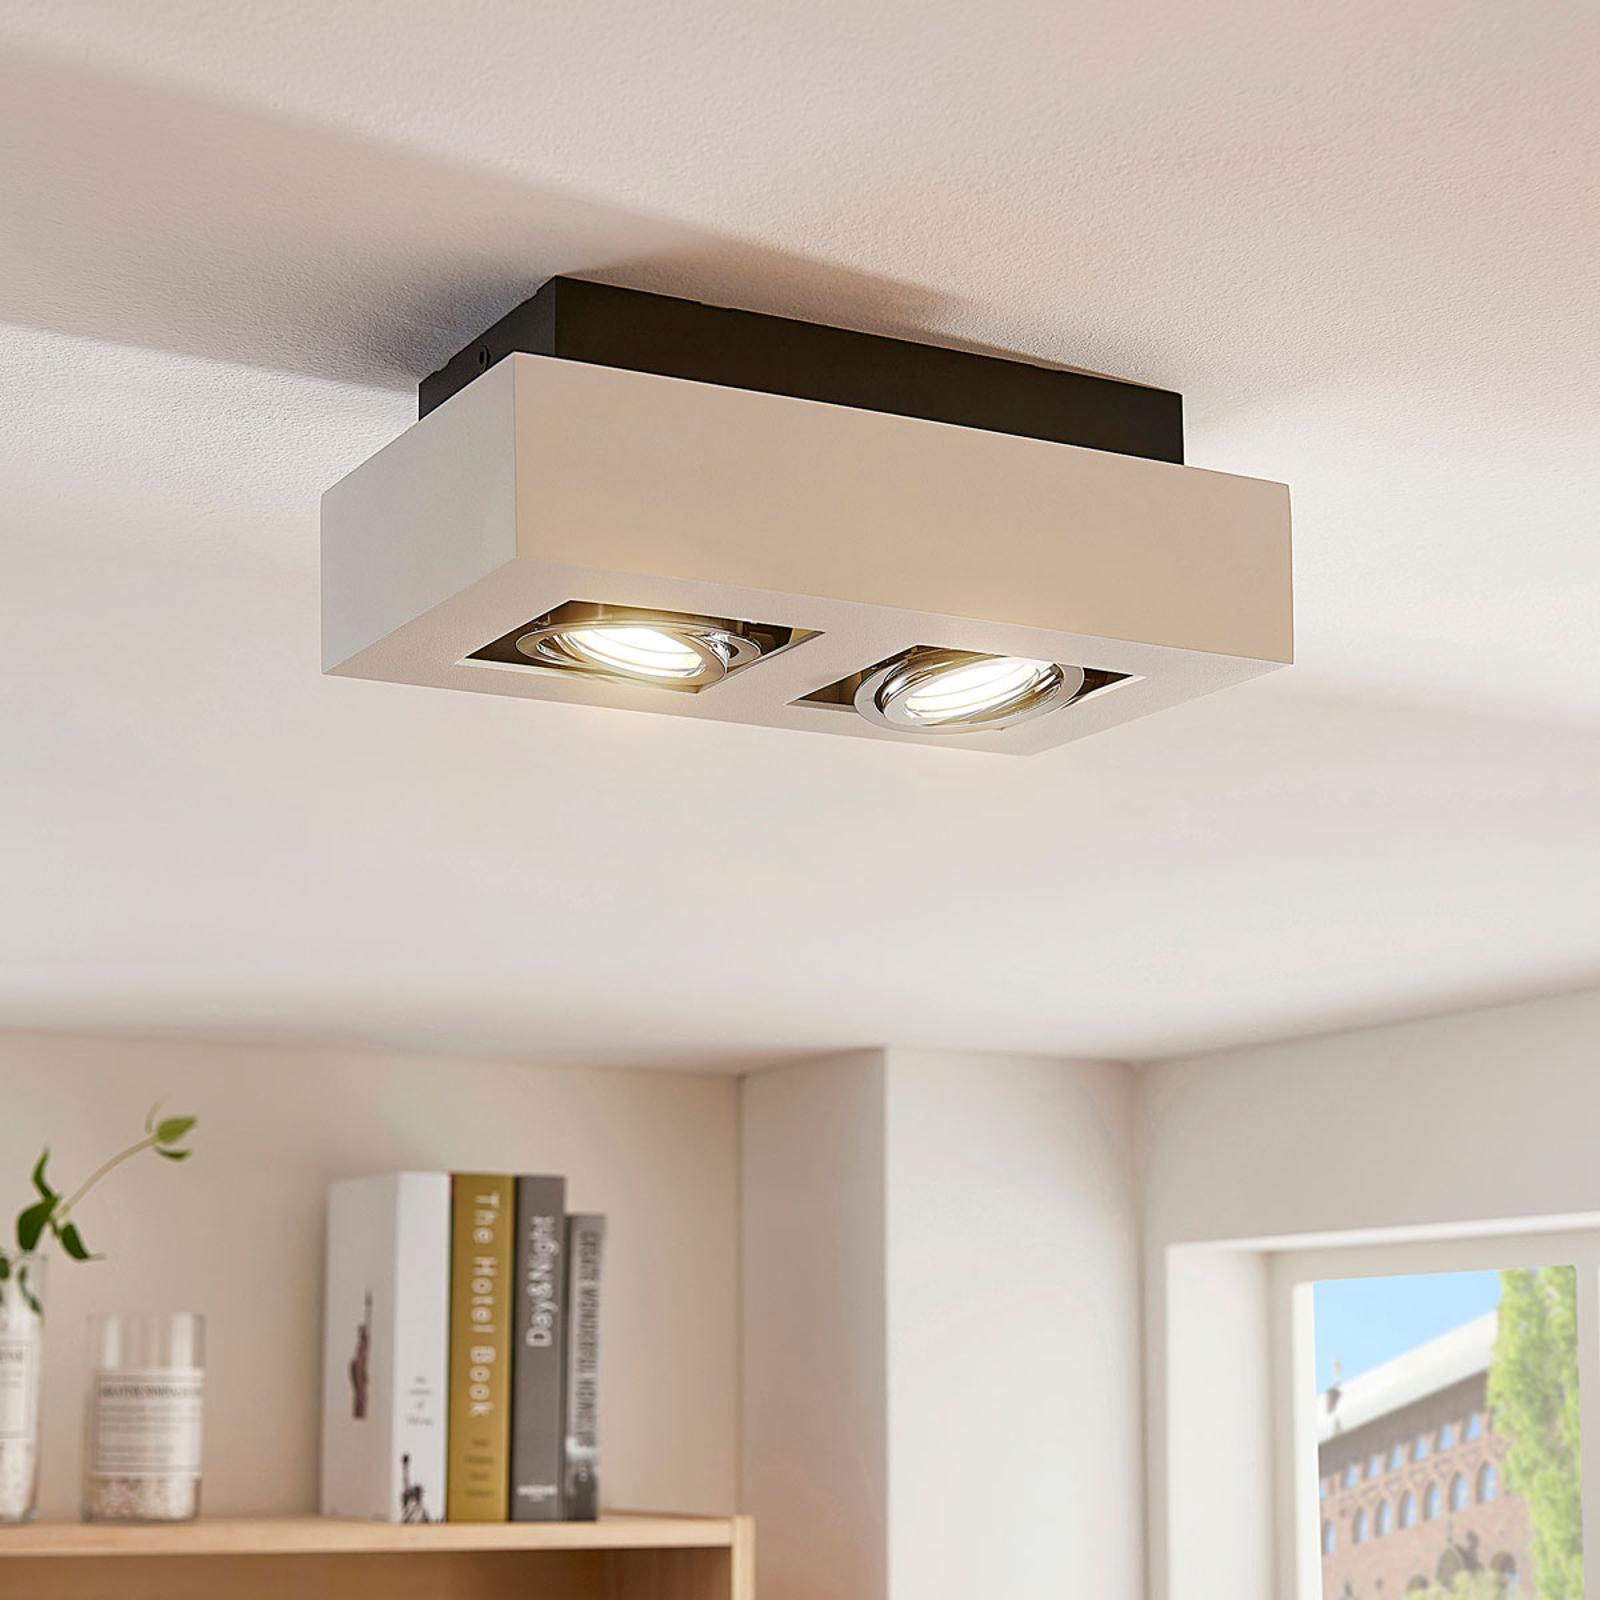 Kantet LED-spotlys Vince i hvitt med to lys